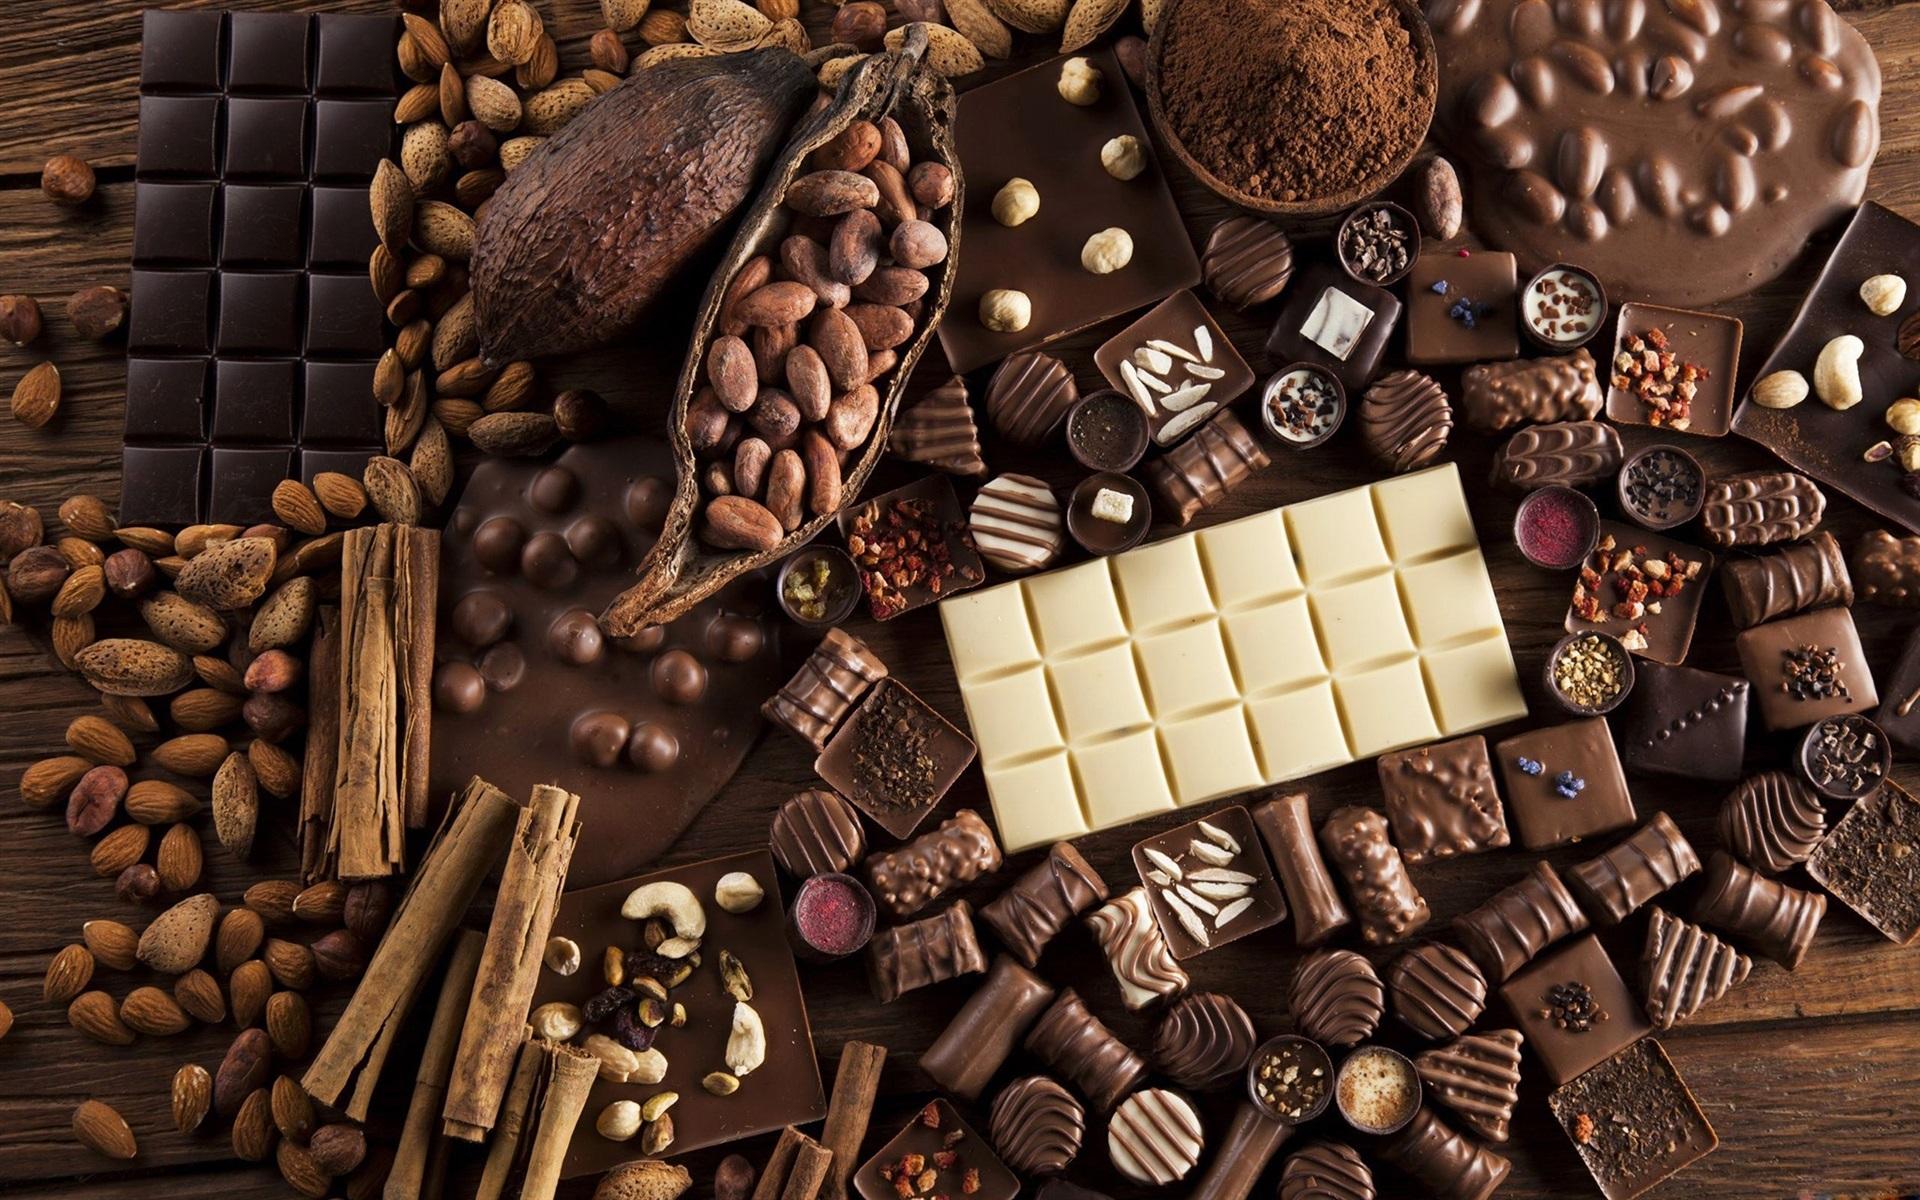 Fondos De Pantalla De Chocolates: Fondos De Pantalla Caramelos De Chocolate, Nueces, Dulces